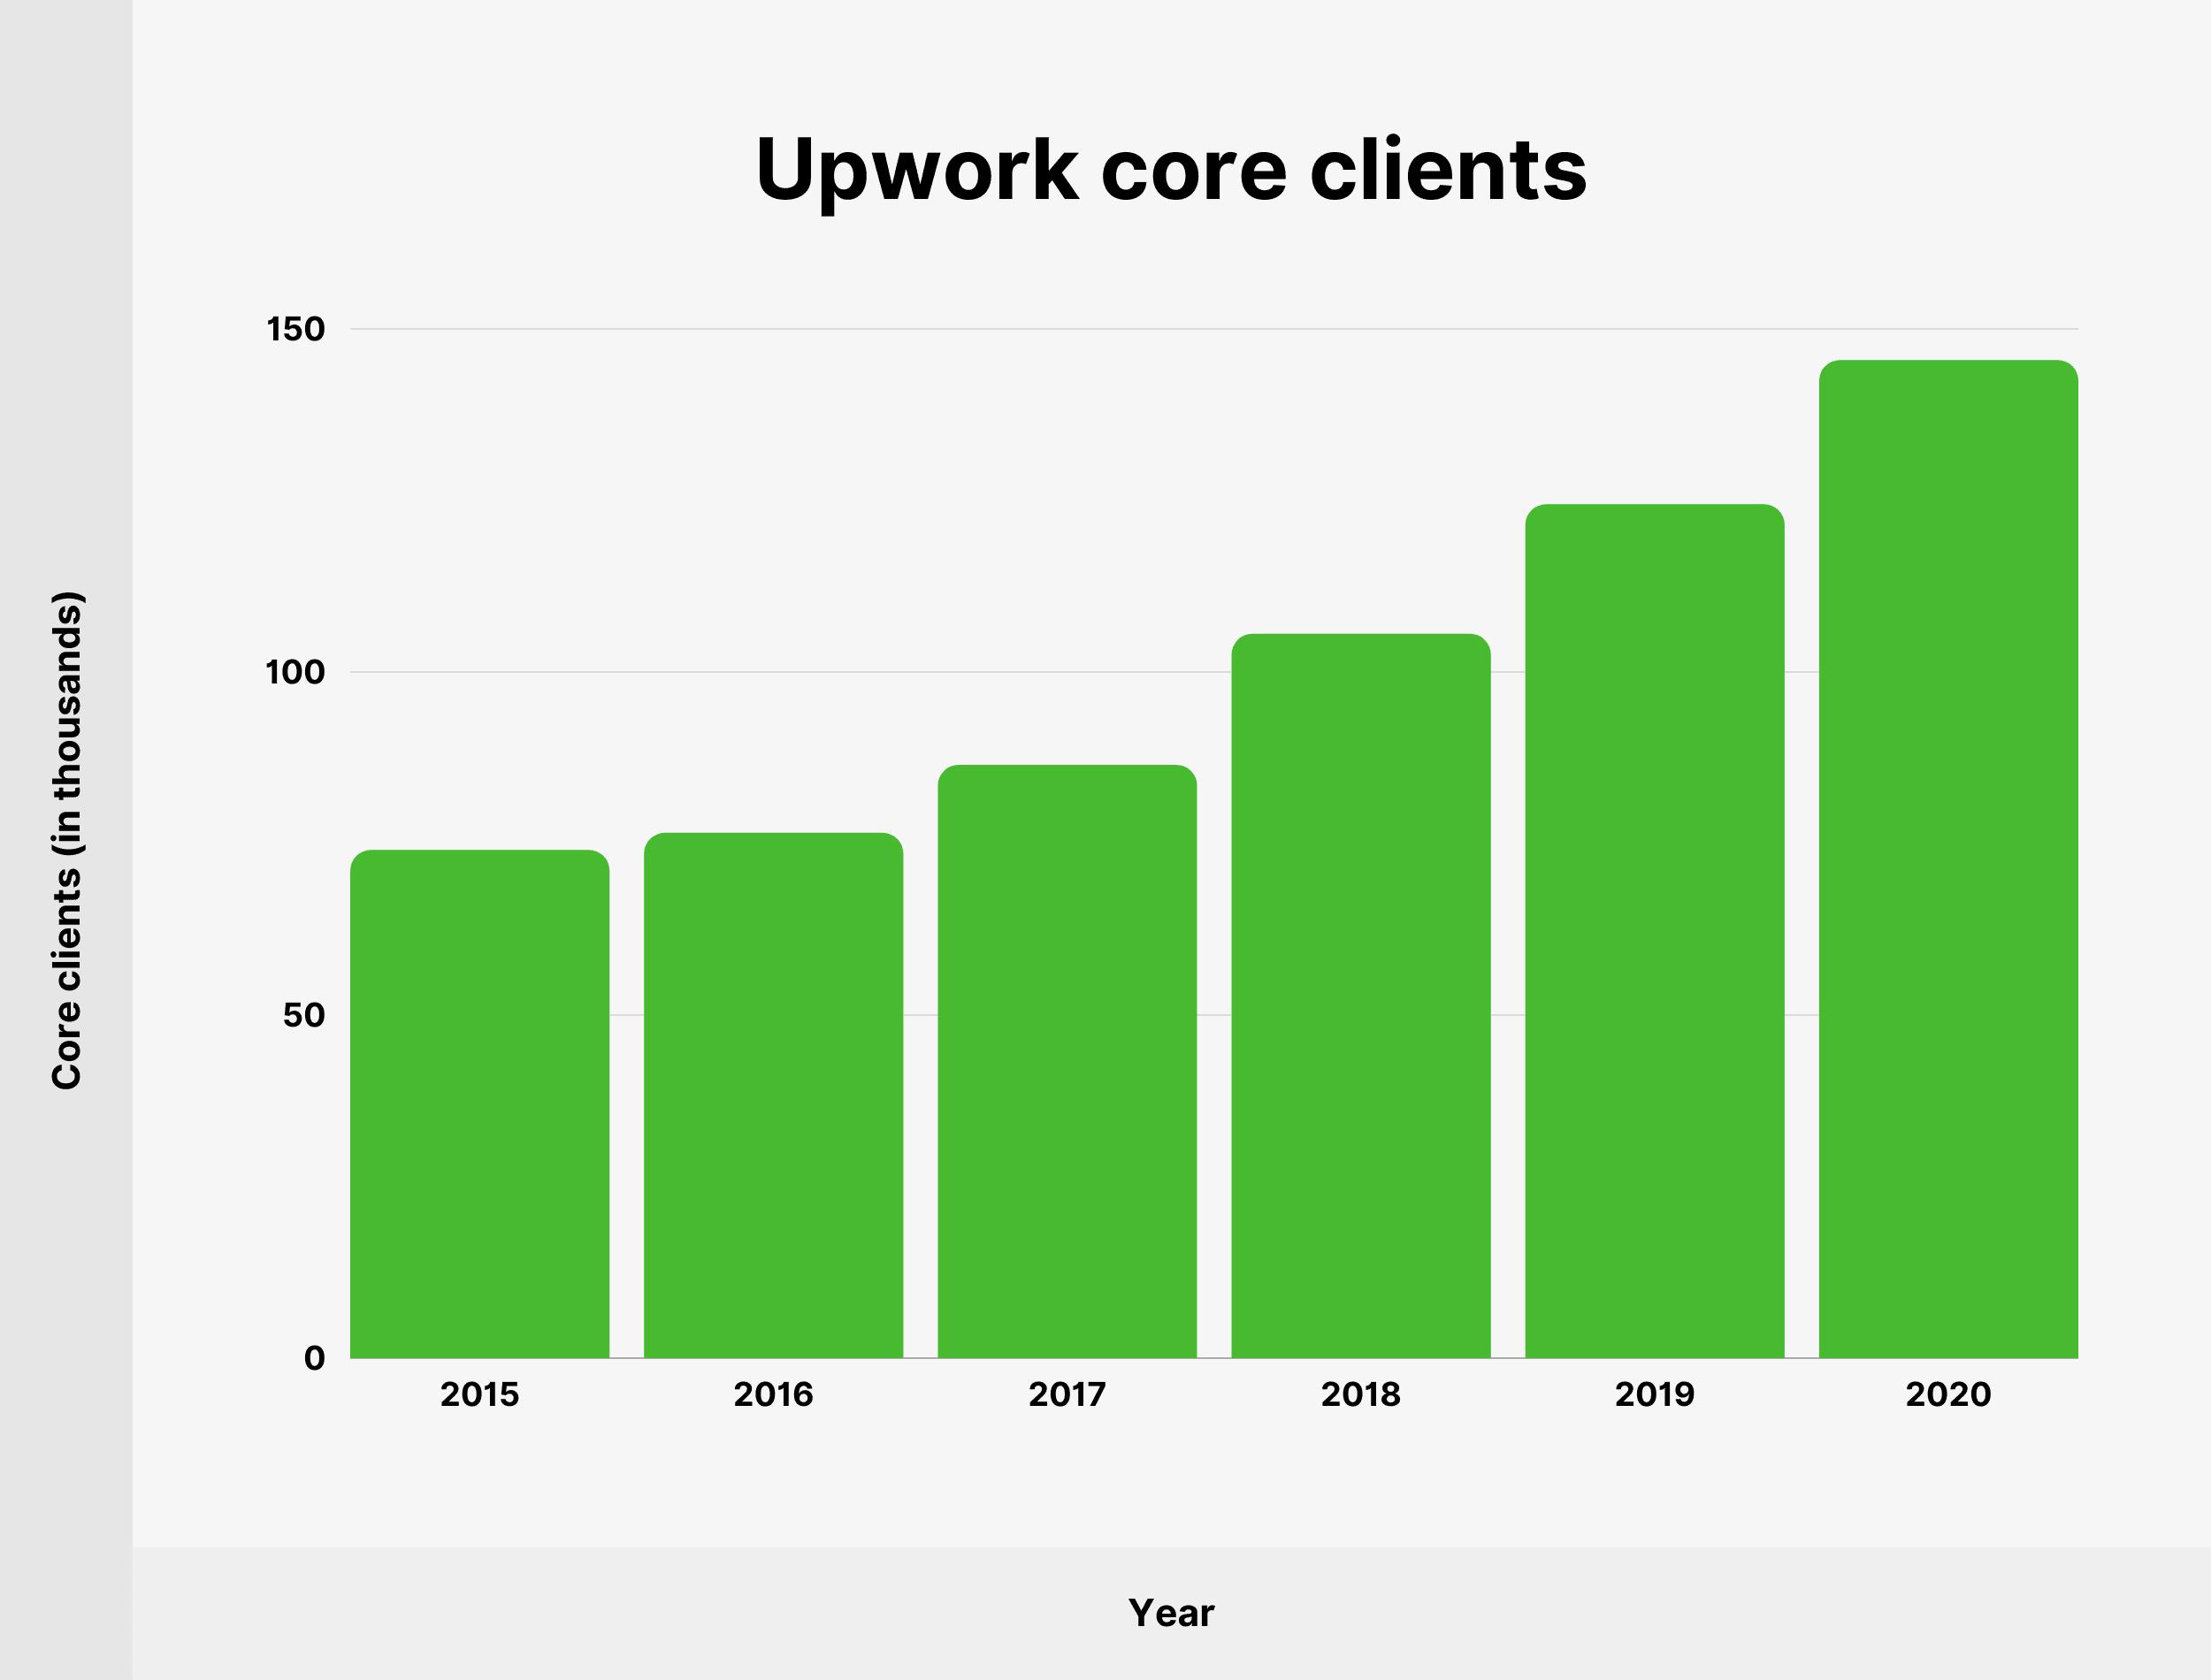 Upwork core clients